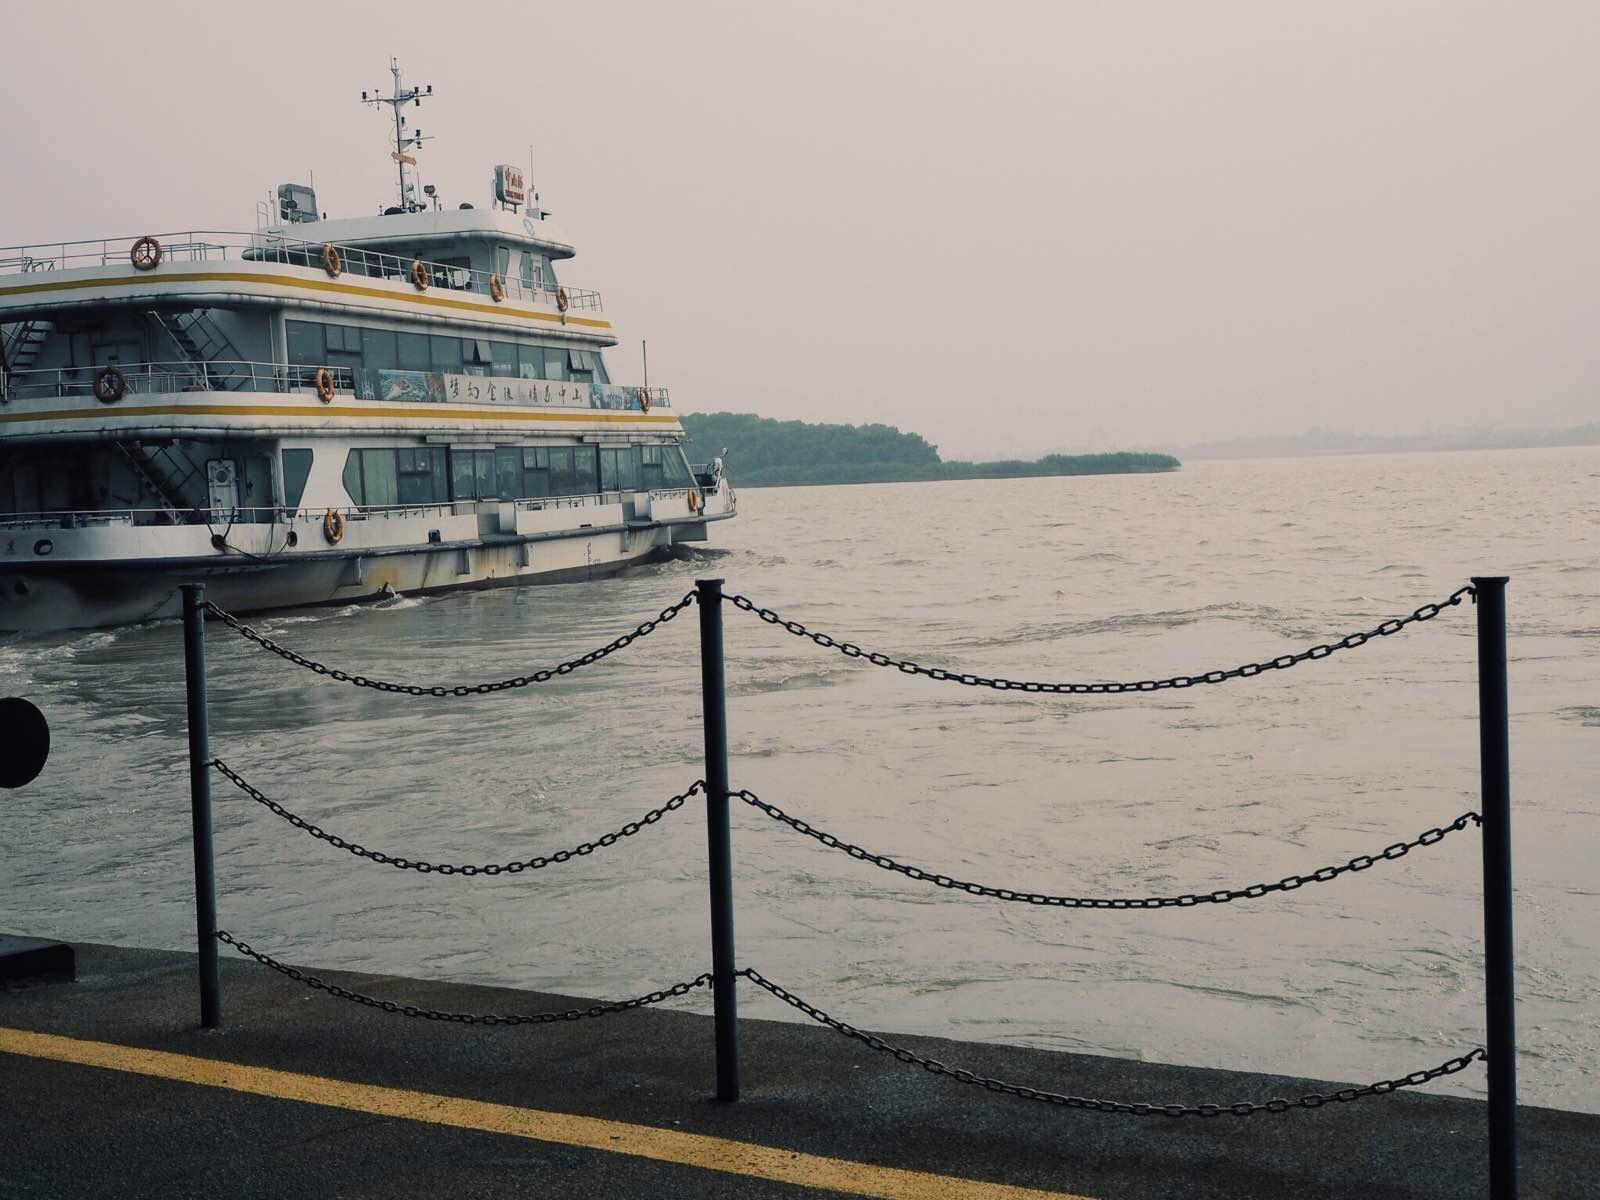 想到中山码头乘到浦口的轮渡,就像到了香港,忍不住要去乘乘天星小轮渡的感觉是一样的。父亲年轻的时候曾经在南京工作过几年,他记得那个时候,中山码头应该叫做下关码头,所以现在在长江上运行的宁浦线在旧时曾被叫做过关浦线。他也曾经从中山码头出发,做过轮渡回上海。